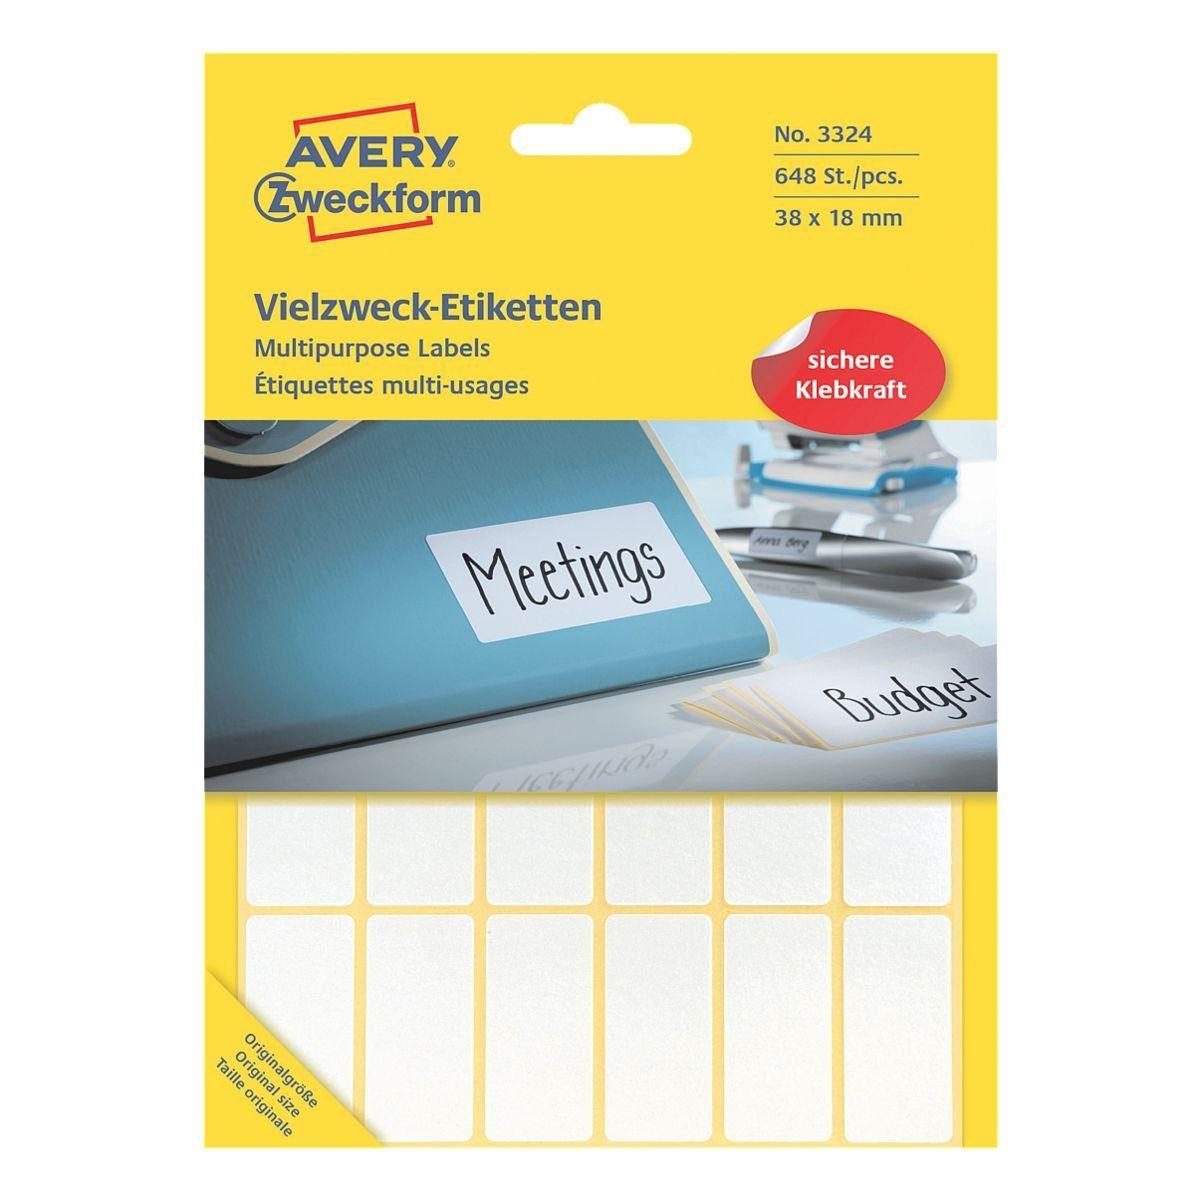 Avery Zweckform 648er-Pack Vielzweck-Etiketten »3324«